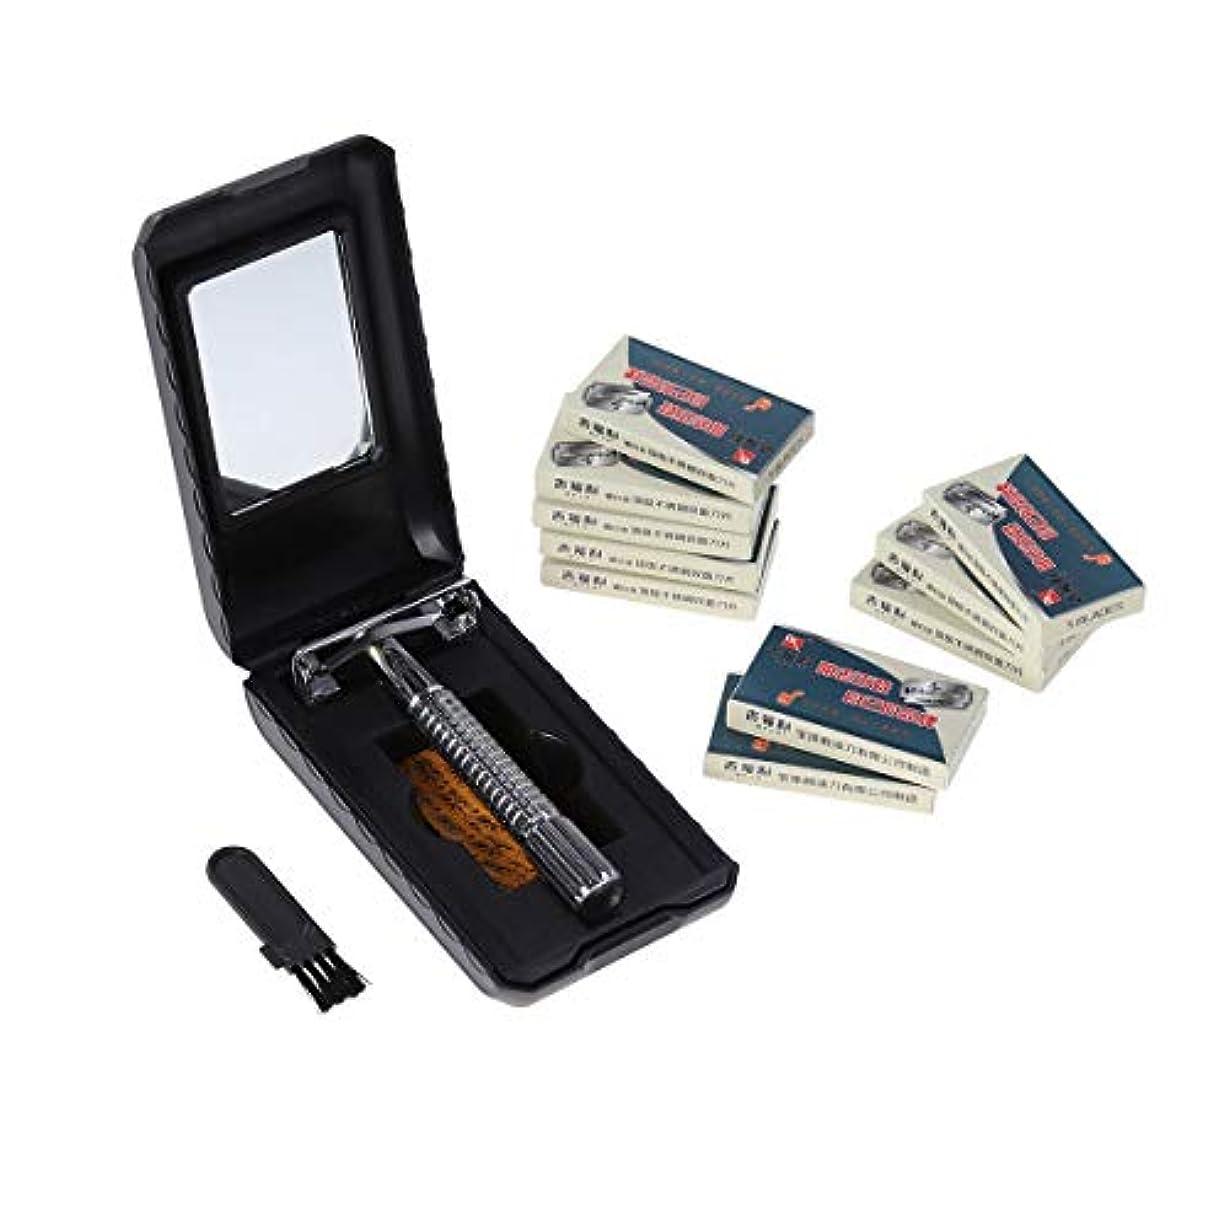 約クモSUPVOX 手作り ビンテージシェービングカミソリ ポータブル ステンレス ロングハンドル ダブルエッジブレードマニュアル 剃刀 シェーバーバーバーヘアツール 50pcs ダブルエッジブレード(シルバー)